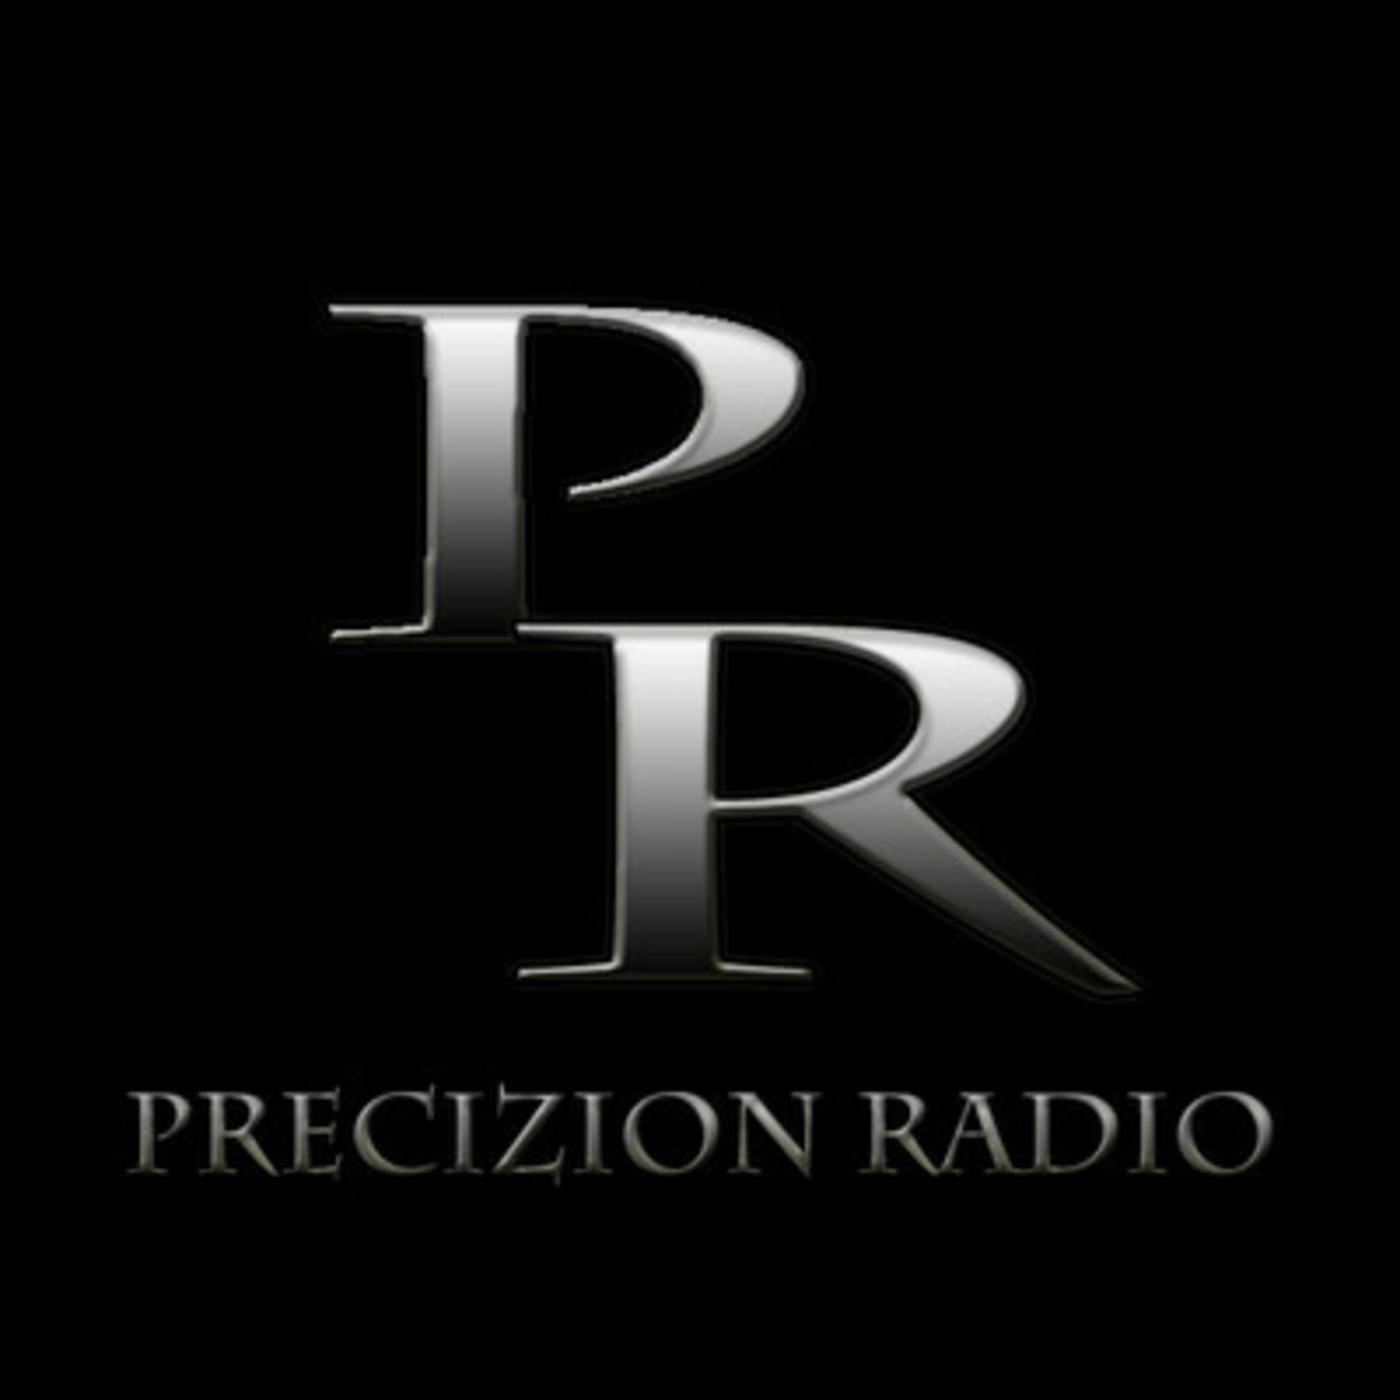 PRECIZION RADIO